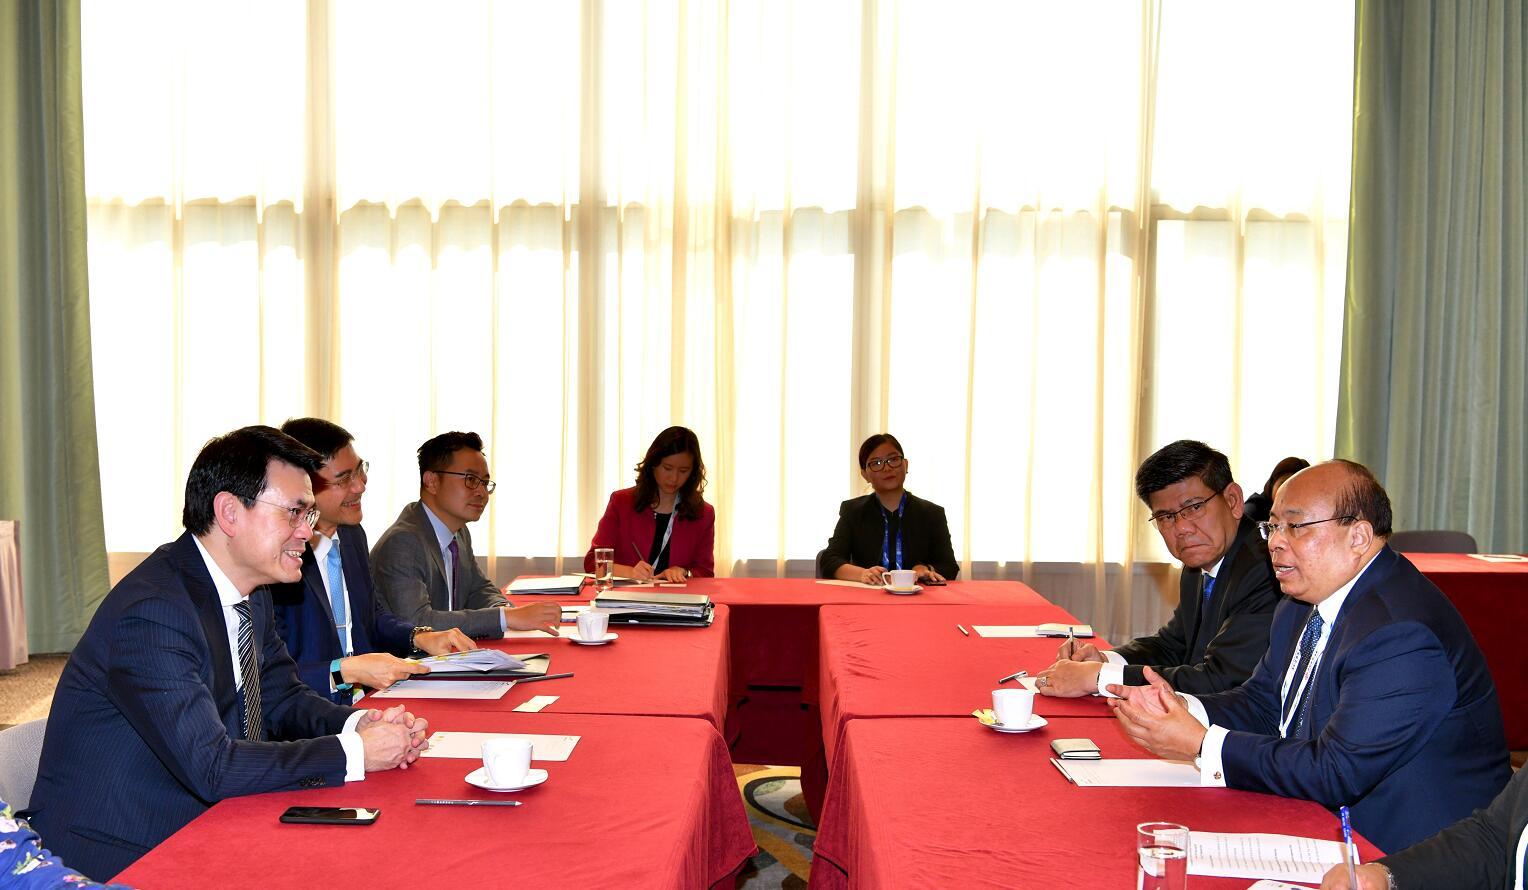 商務及經濟發展局局長邱騰華(左一)今日(九月十一日)在第四屆「一帶一路高峰論壇」舉行期間,與緬甸投資及對外經濟關係部長兼緬甸投資委員會主席當吞(右一)舉行雙邊會議。「一帶一路」專員葉成輝(左二)亦有出席會議。